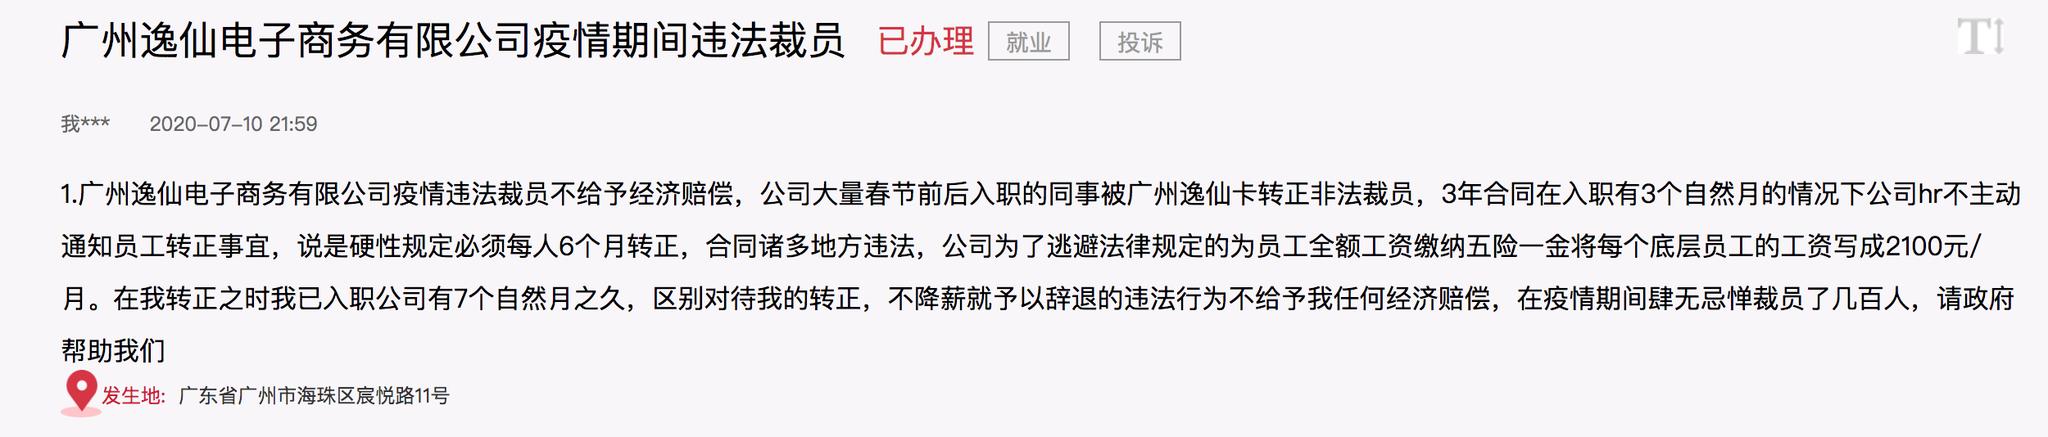 《【杏耀平台登录入口】逸仙电商在美上市:高瓴资本、真格基金持股,被指疫情期非法裁员》